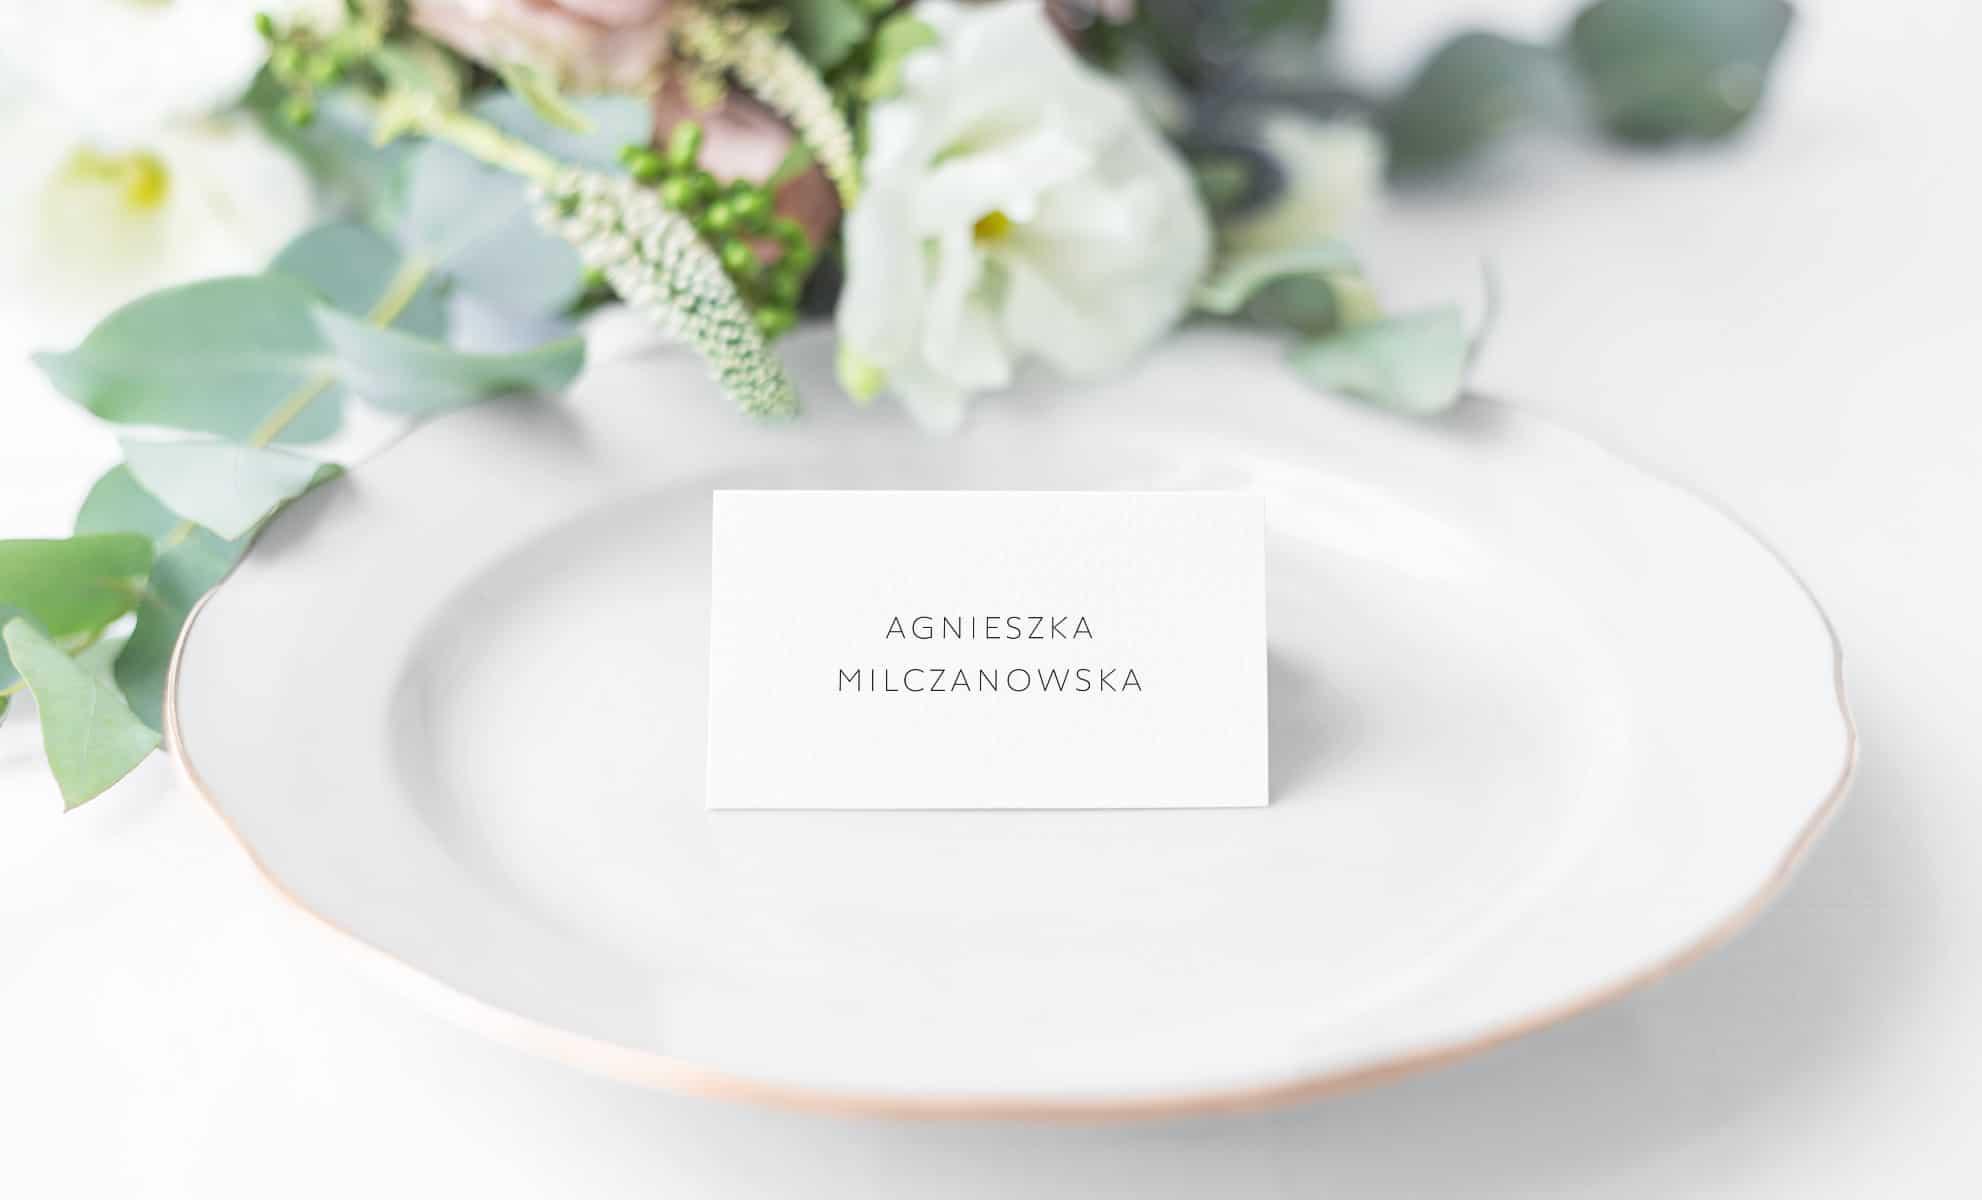 Winietki z imionami gości w minimalistycznym stylu